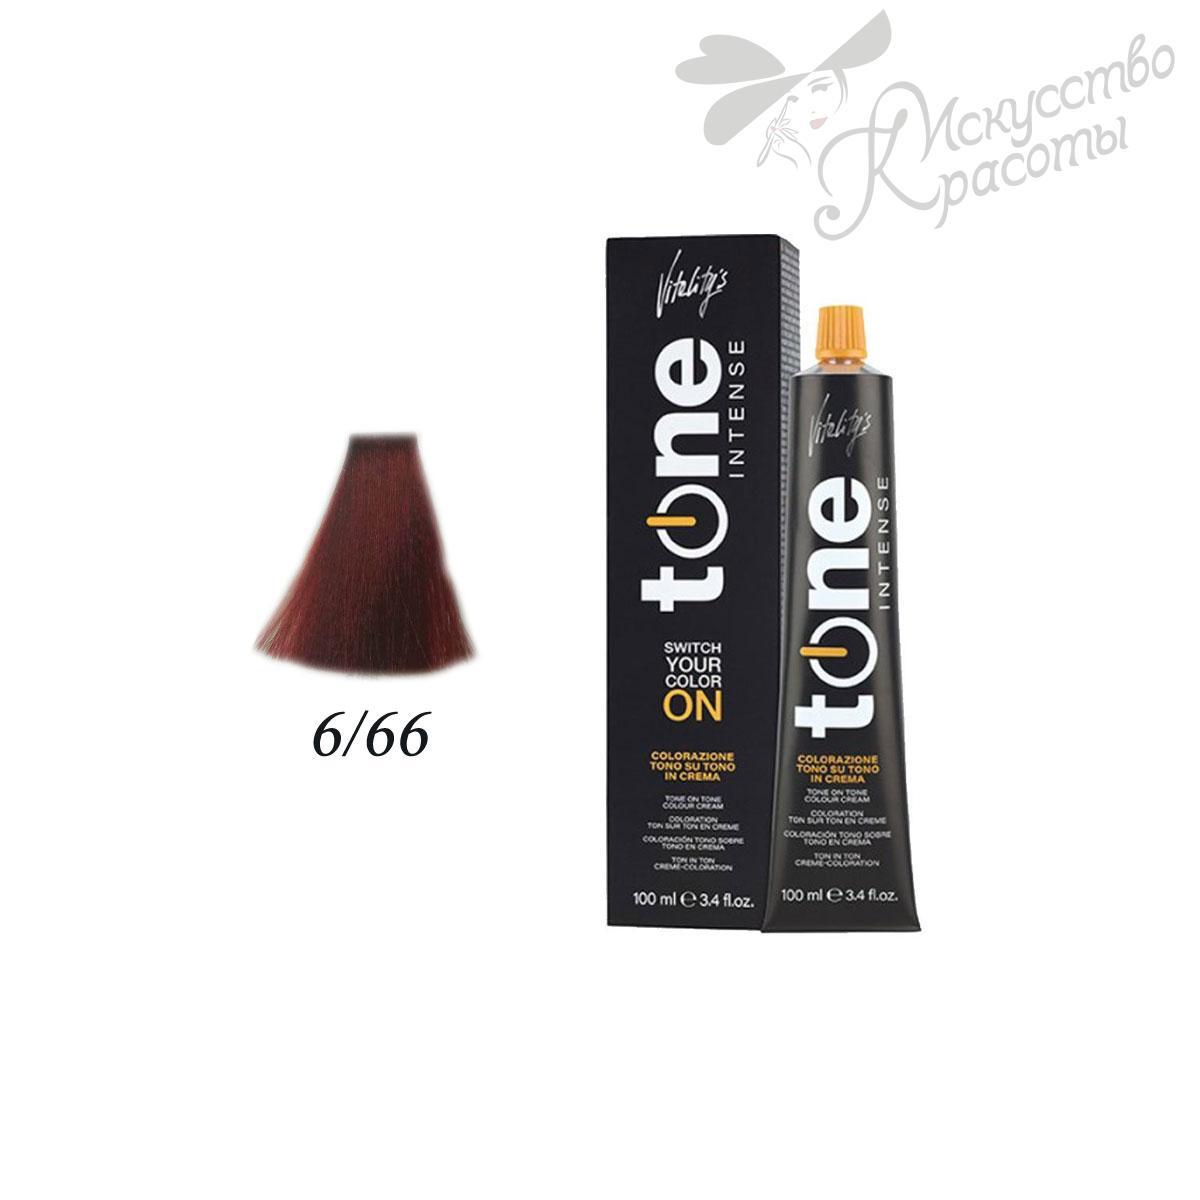 Краска для волос 6/66 насыщенный красный темный блонд Tone Intense Vitality's 100мл